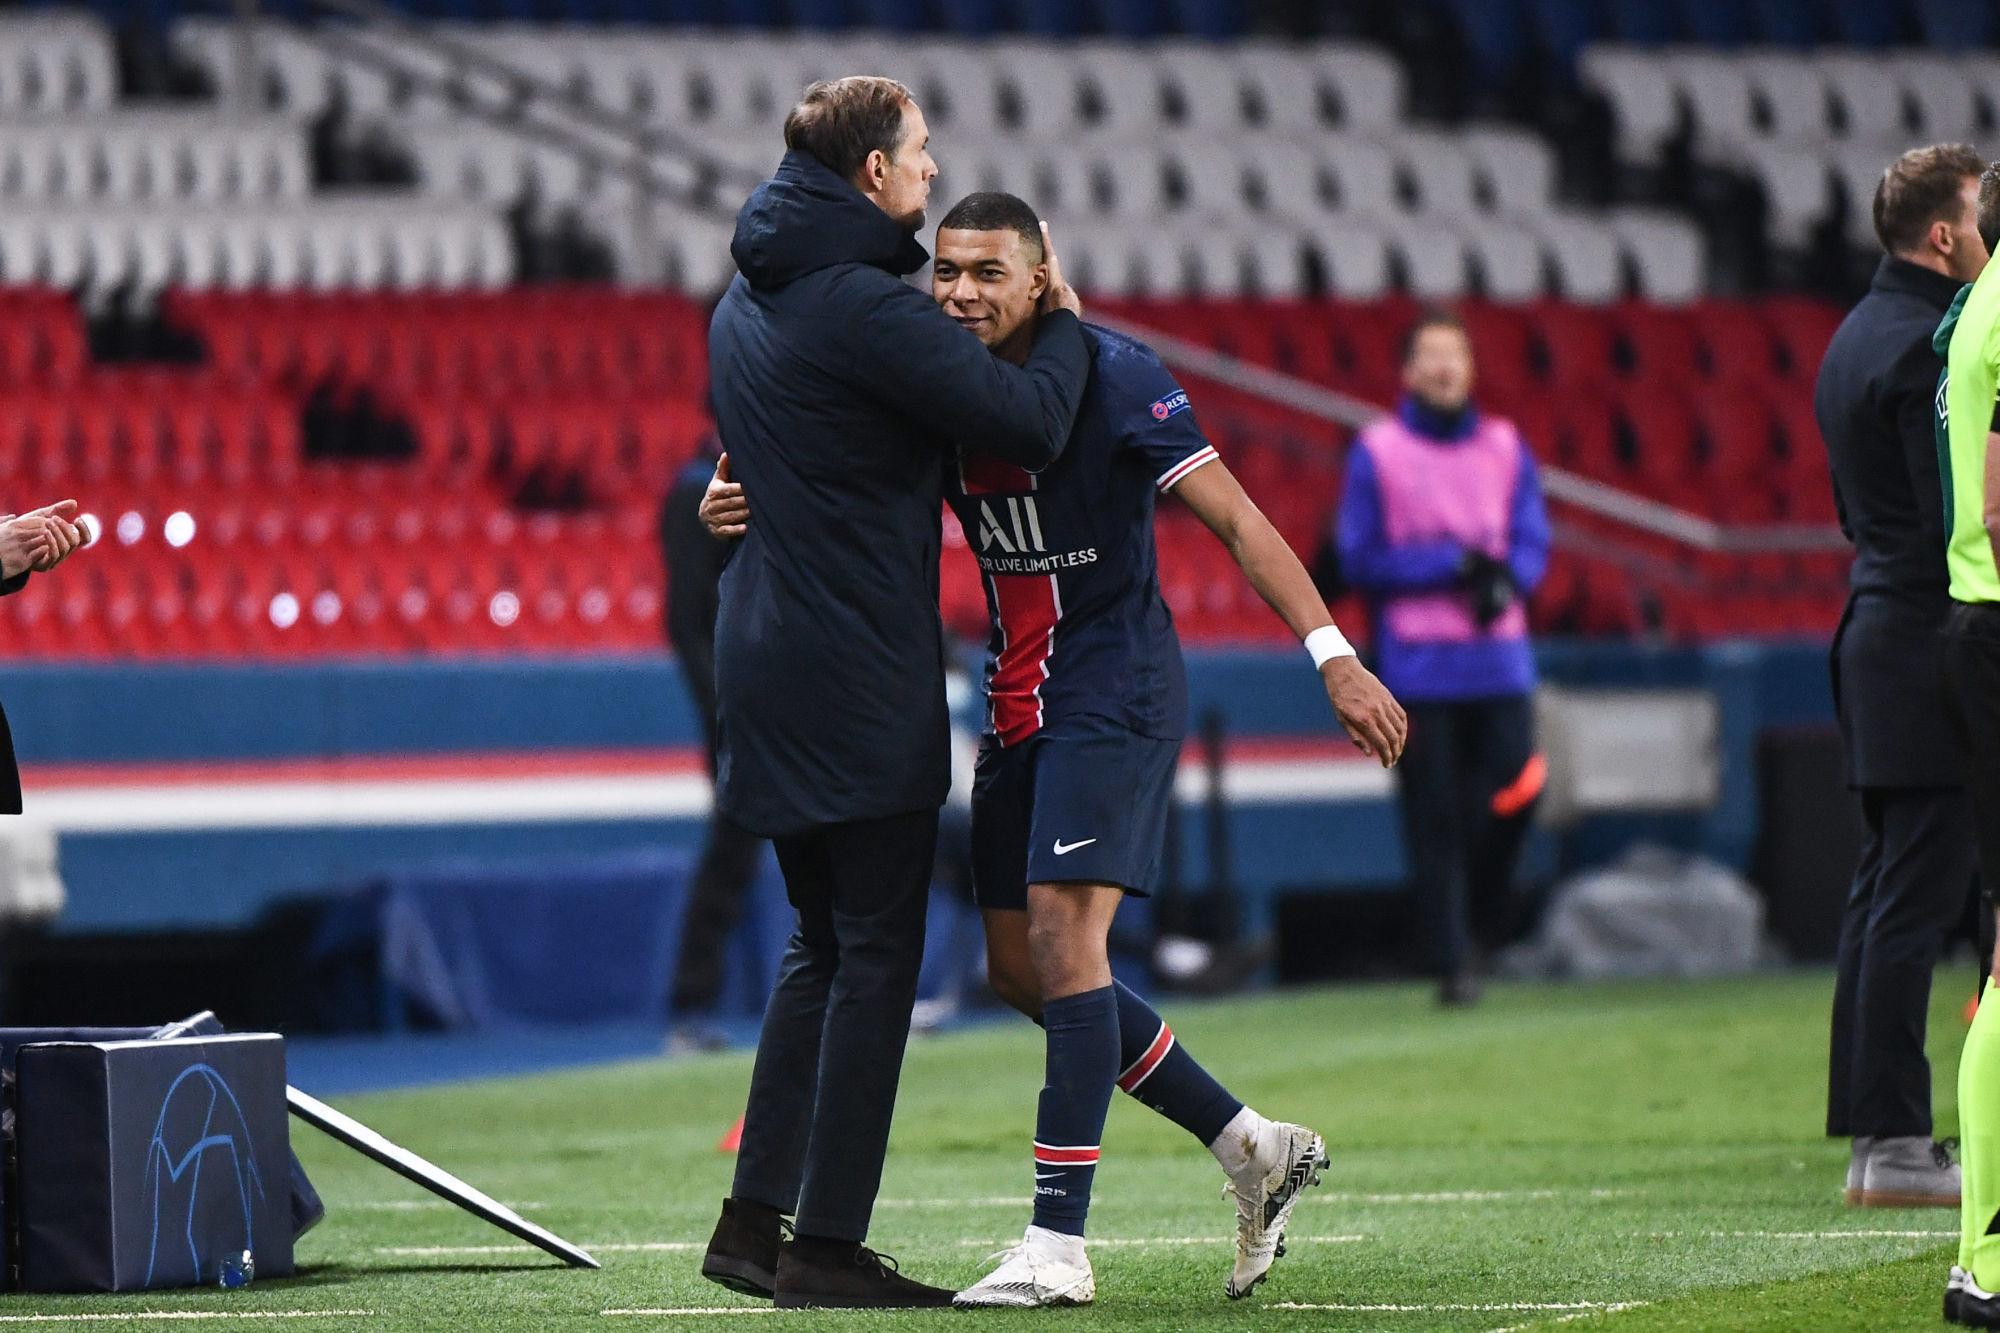 """Mbappé remercie Thomas Tuchel """"personne n'oubliera votre passage ici"""""""